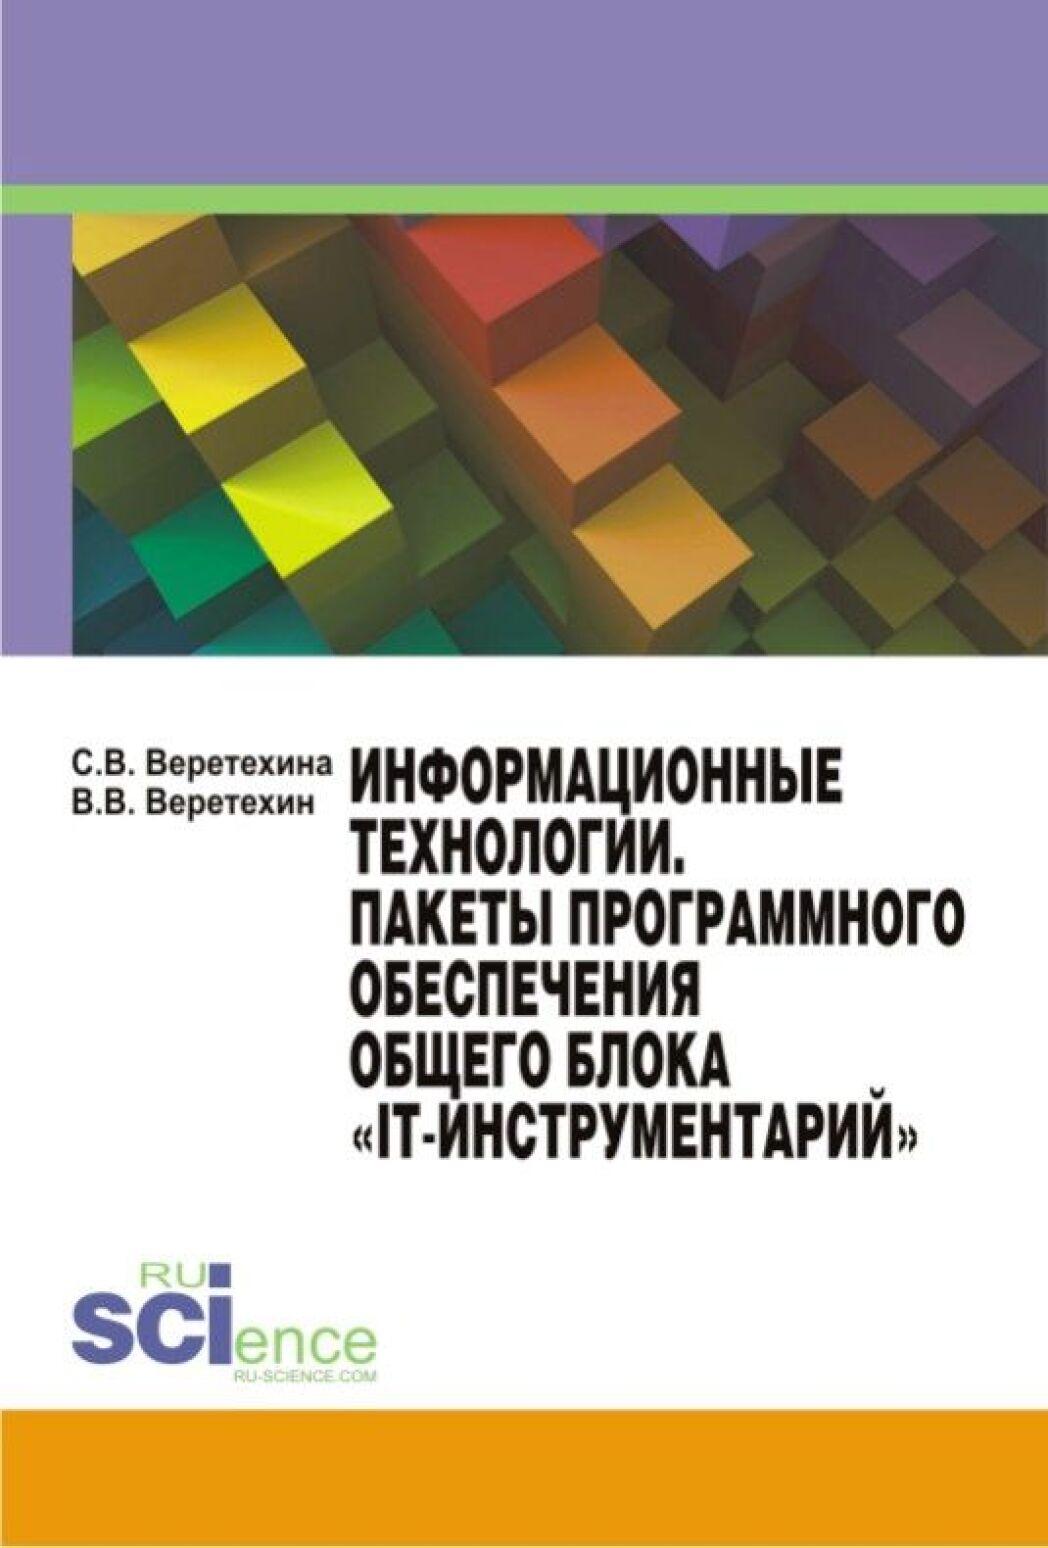 В. В. Веретехин Информационные технологии. Пакеты программного обеспечения общего блока «IT-инструментарий» информационные технологии и вычислительные системы 3 2015